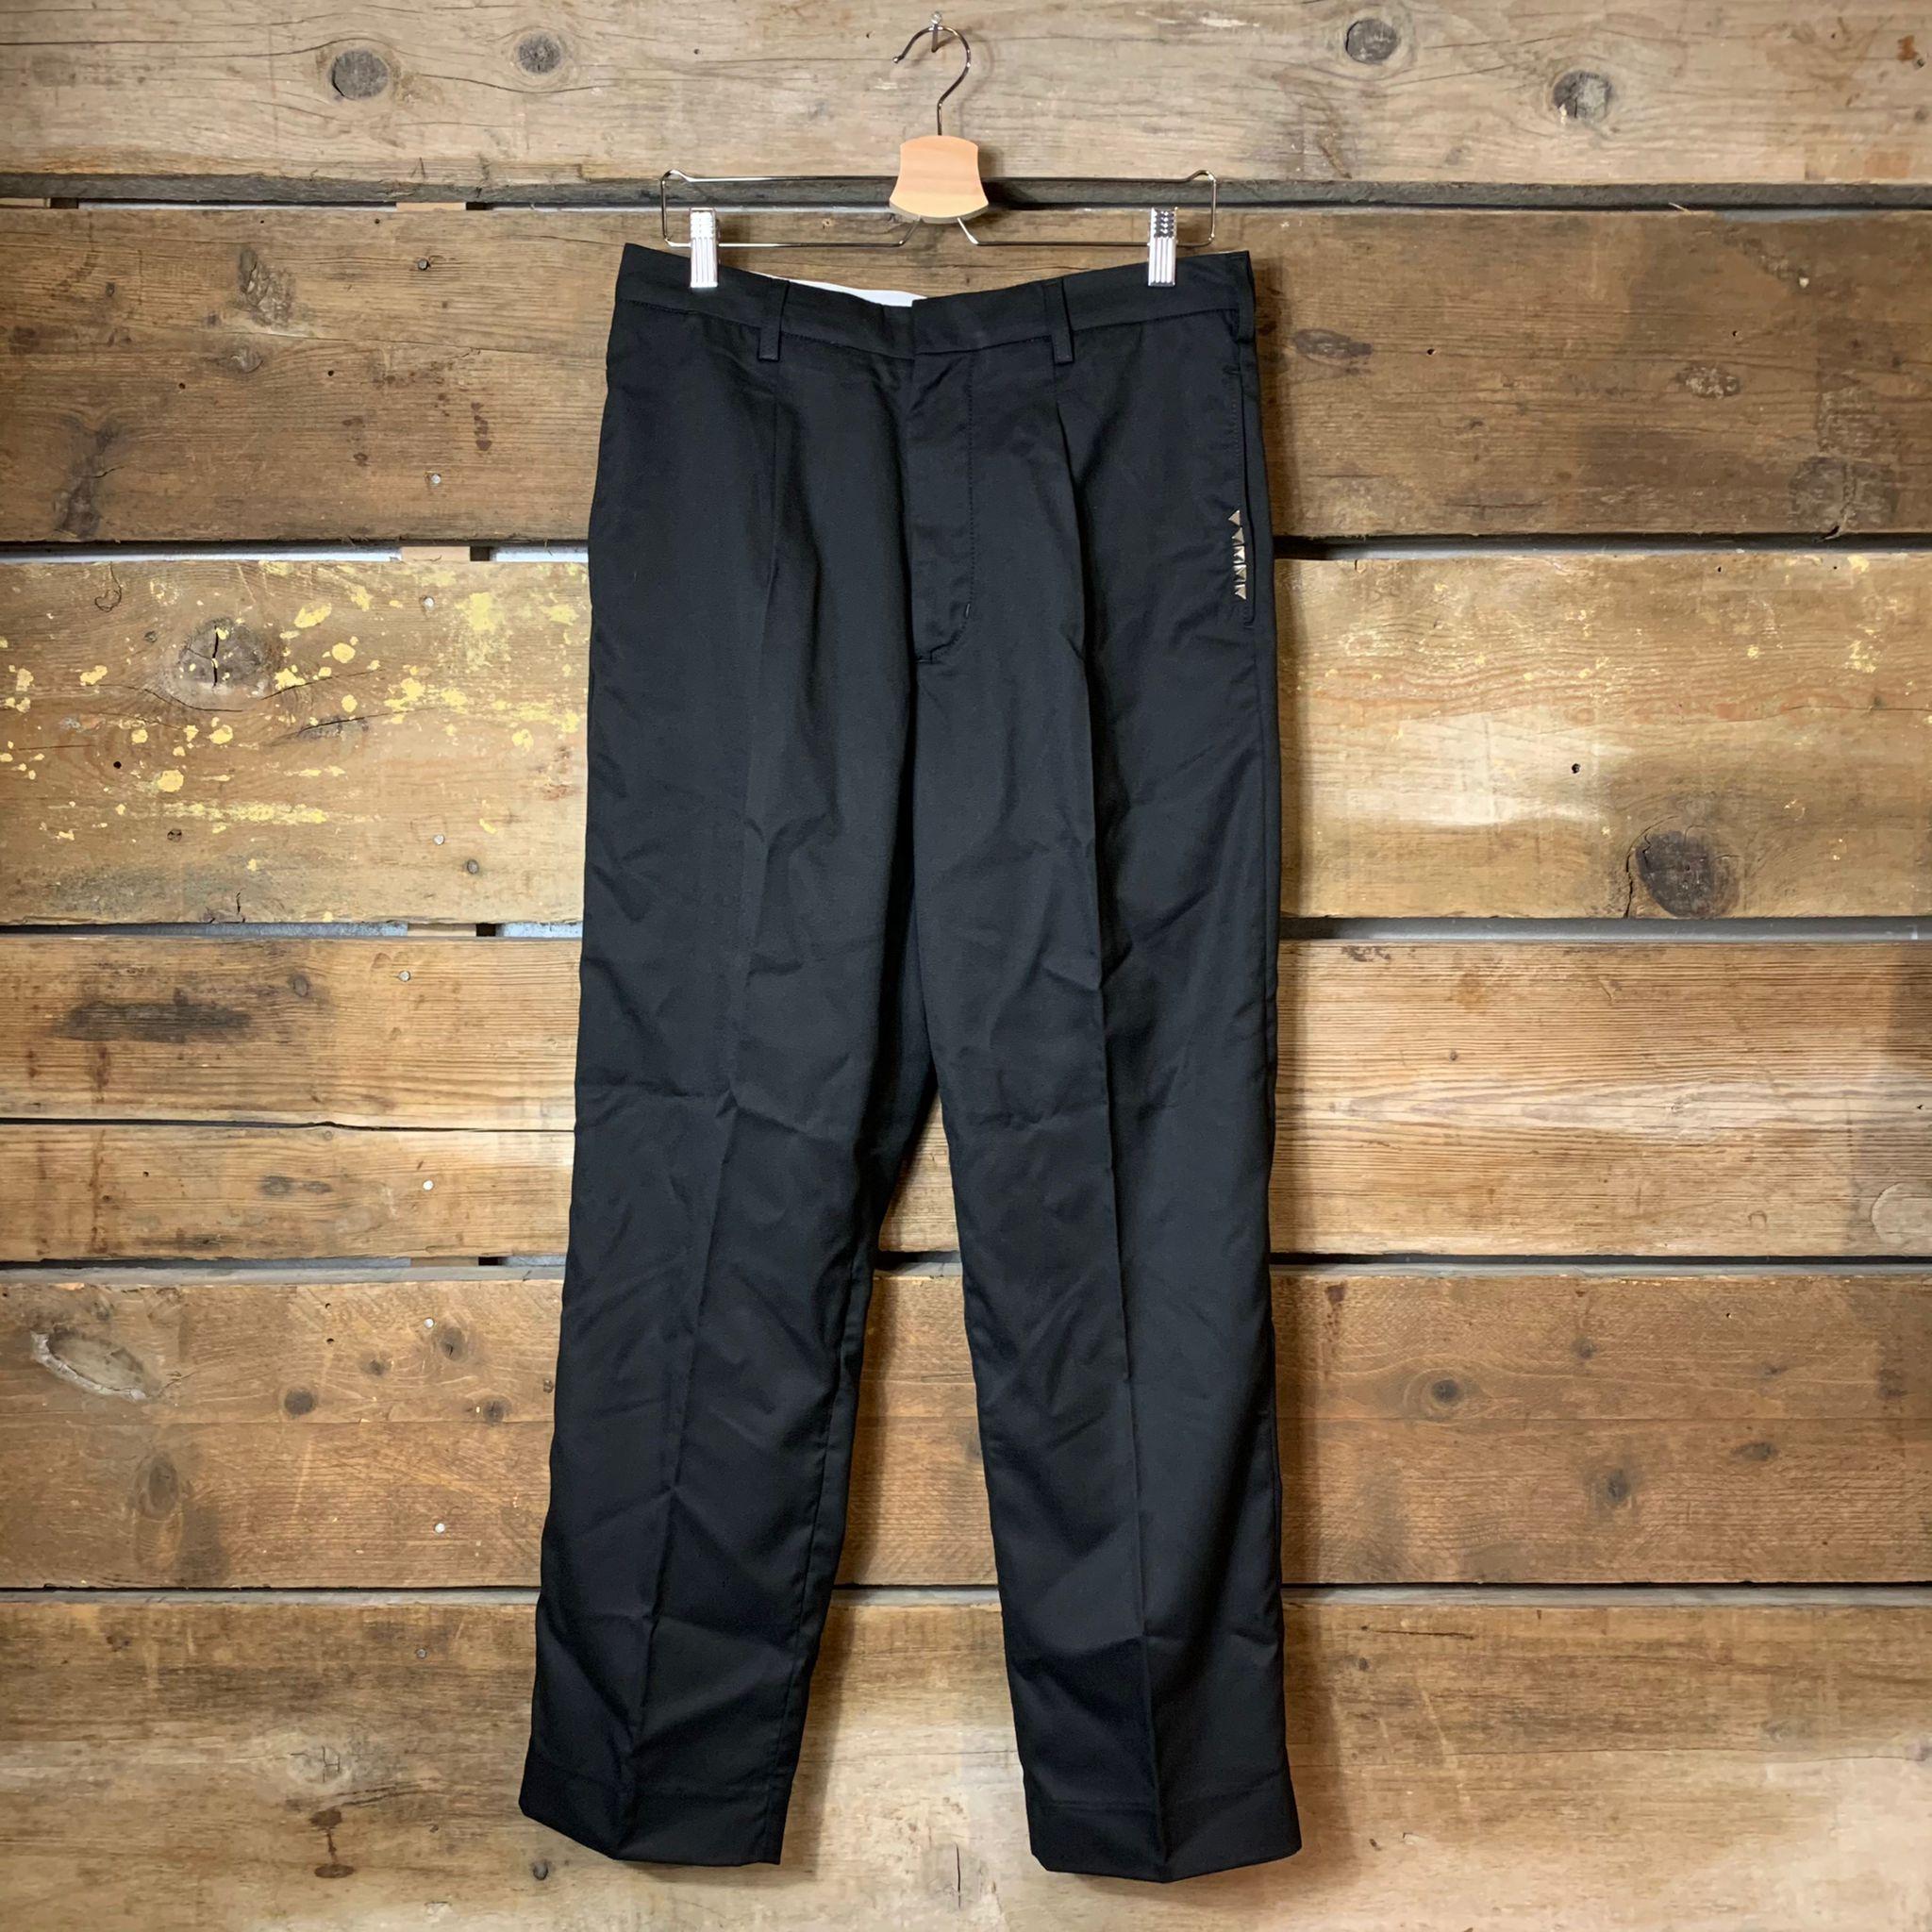 Pantalone Amish Supplies Uomo Victor Twill con Dettaglio Borchie Nero